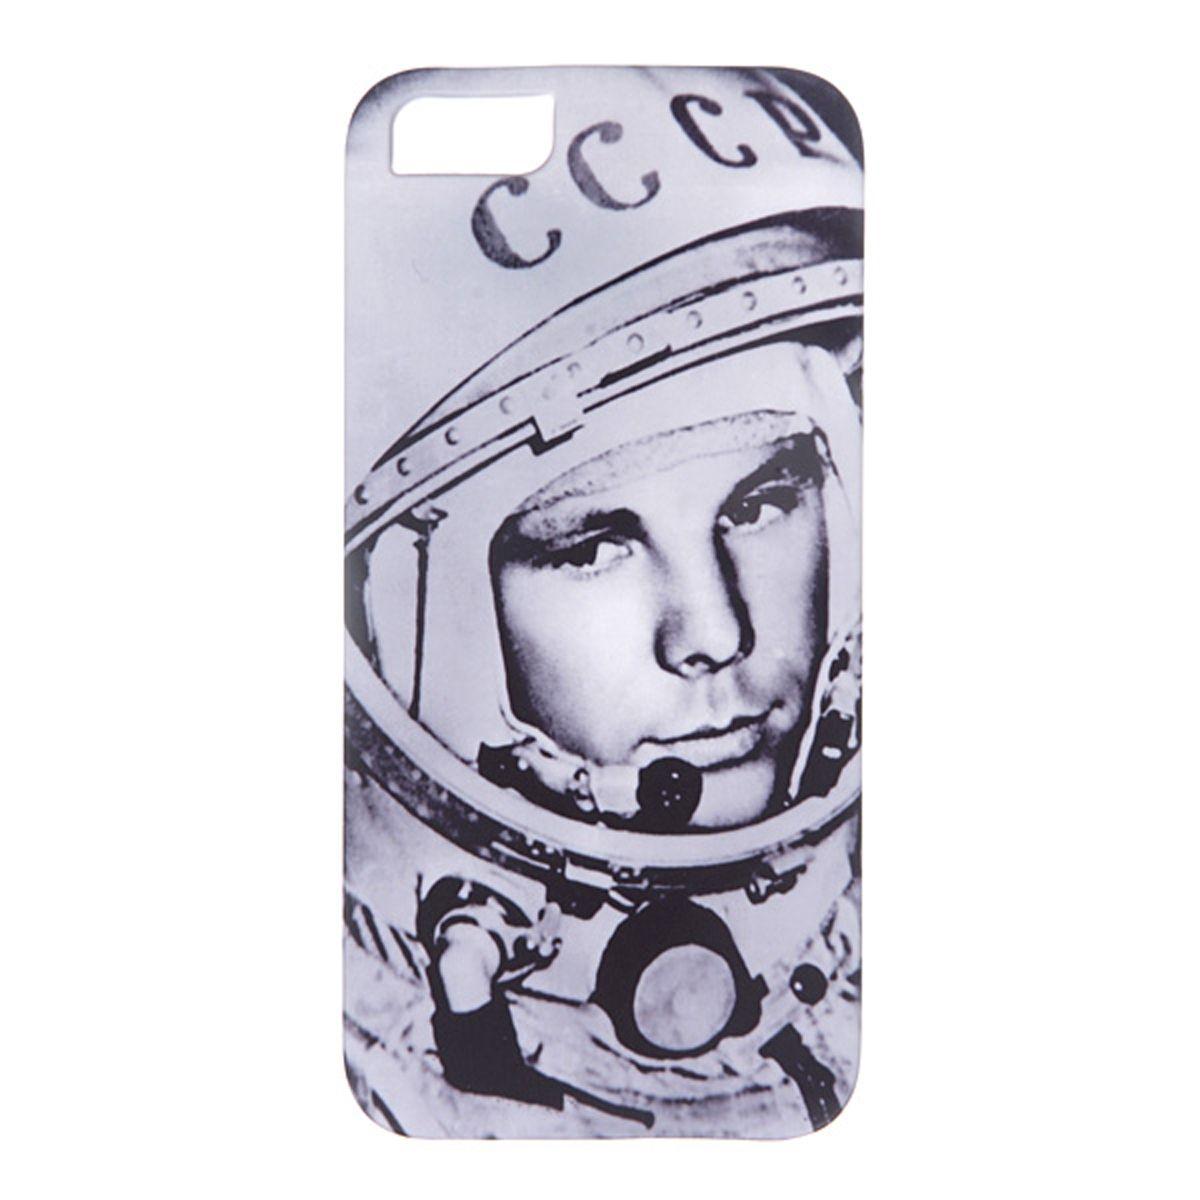 Mitya Veselkov Гагарин чехол для Apple iPhone 5/5sIP5.МITYA-016Превосходный чехол Mitya Veselkov Гагарин создан для любителей заметных аксессуаров. Накладка придаст вашему телефону индивидуальность и послужит прекрасной защитой от ударов и царапин. Чехол также обеспечивает свободный доступ ко всем разъемам и клавишам устройства.